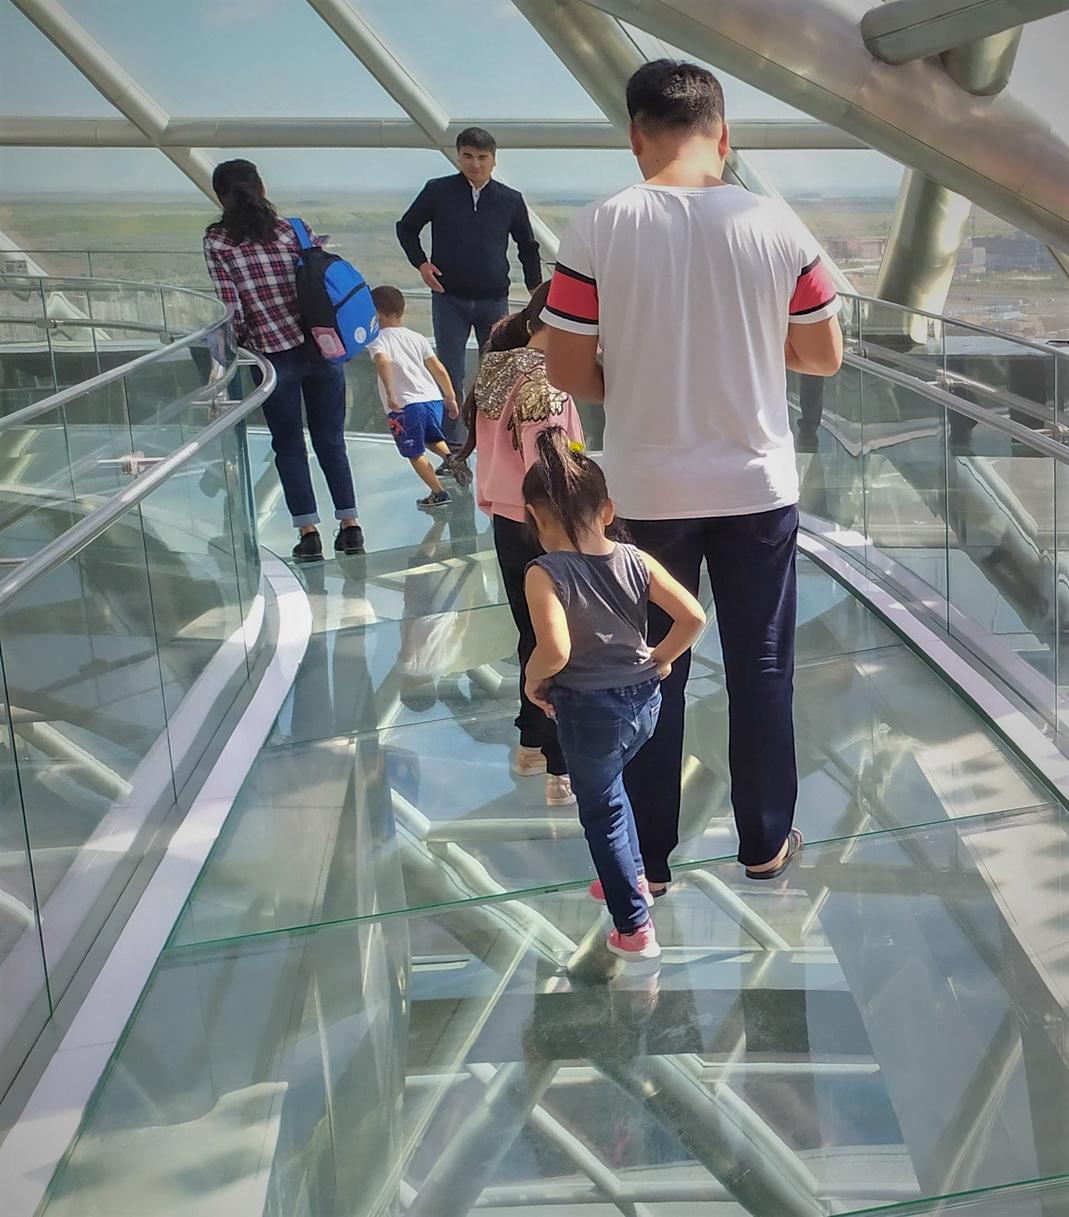 Очень популярная забава у туристов – щекочущие нервы прогулки по стеклянному мостику на высоте восьмого этажа, где через прозрачный пол видна бездна…